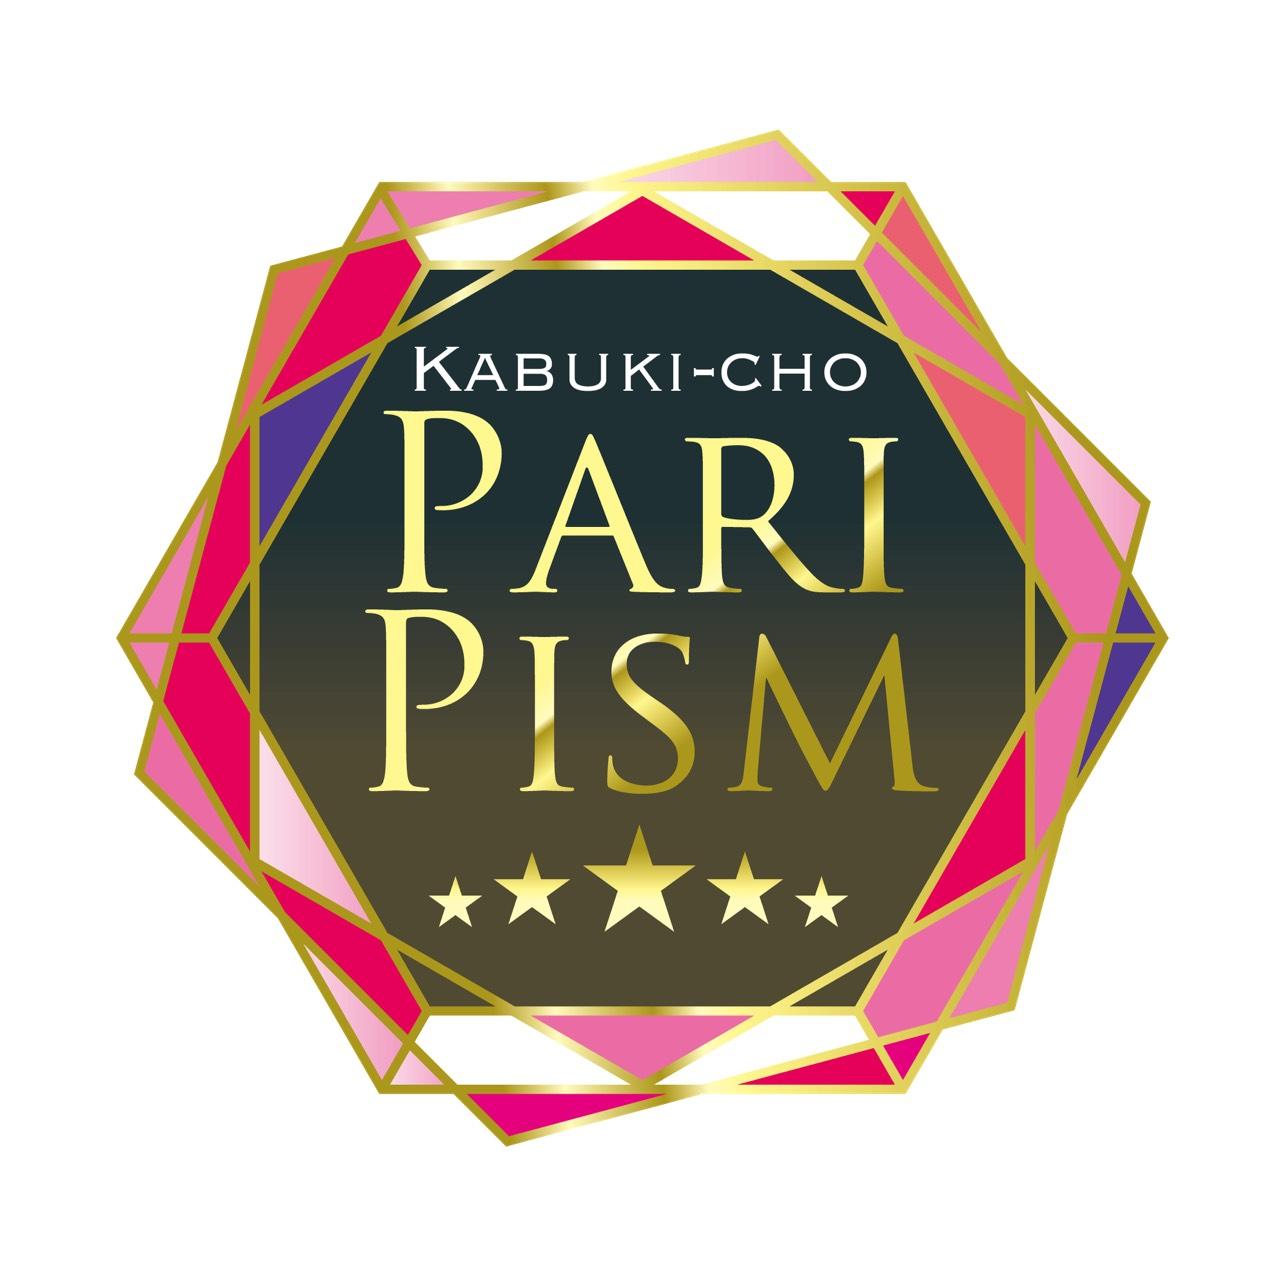 CAFE PariPism 1部2部 共通チケット